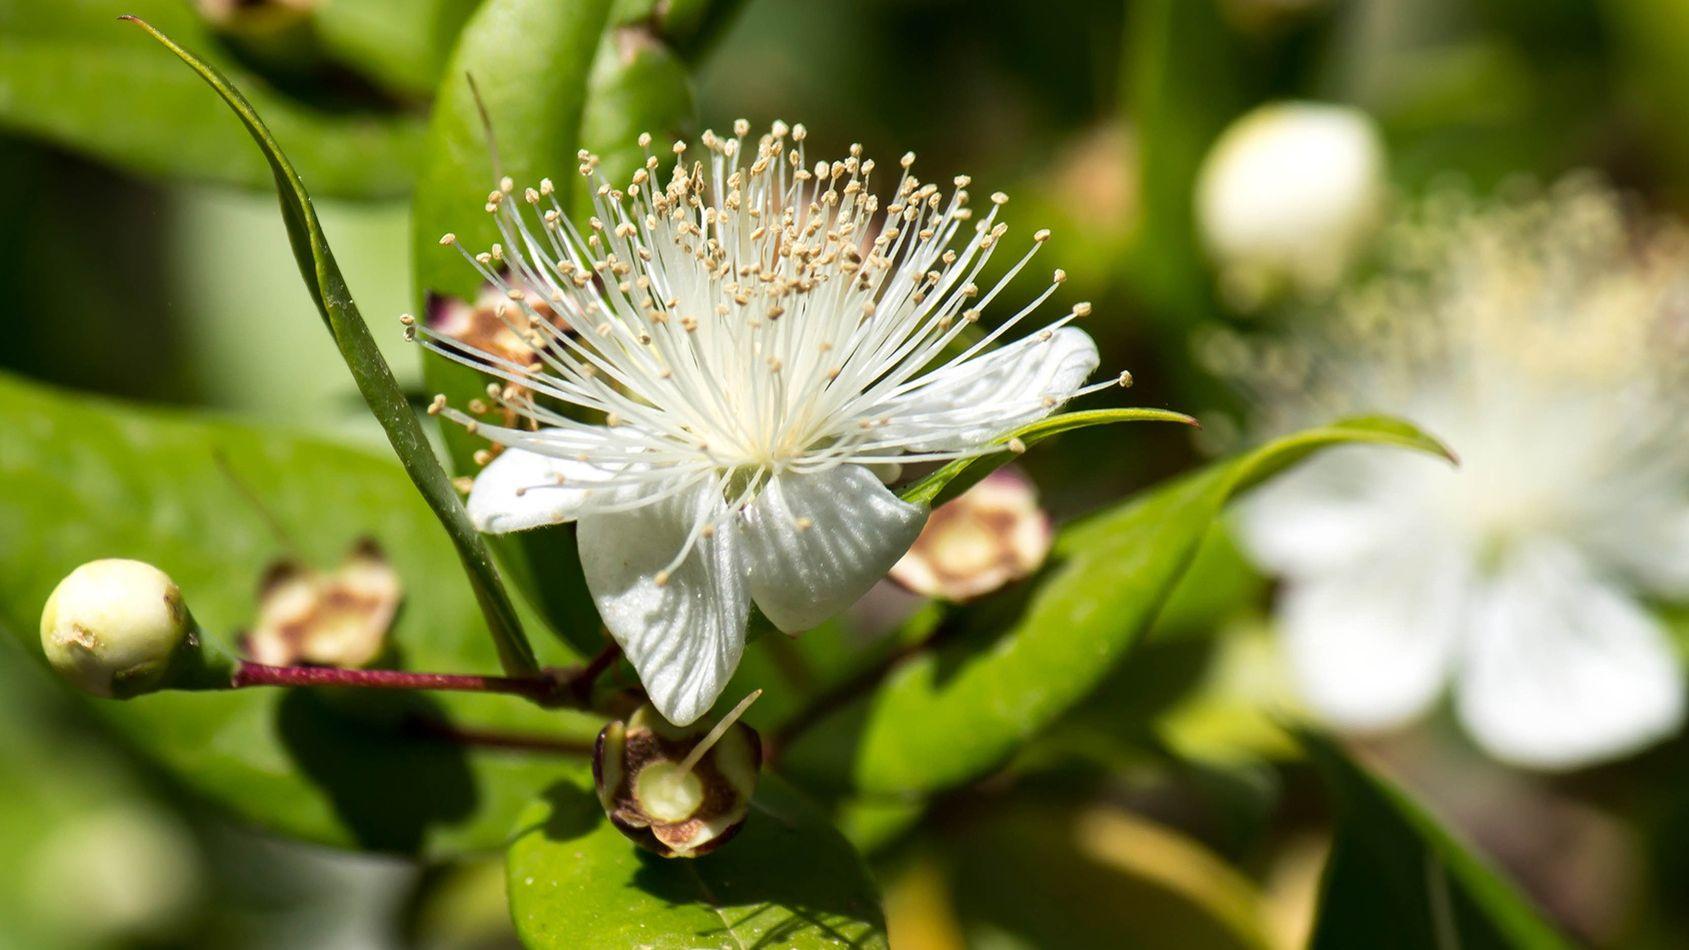 L'huile essentielle de myrte vert, le réflexe contre la toux grasse